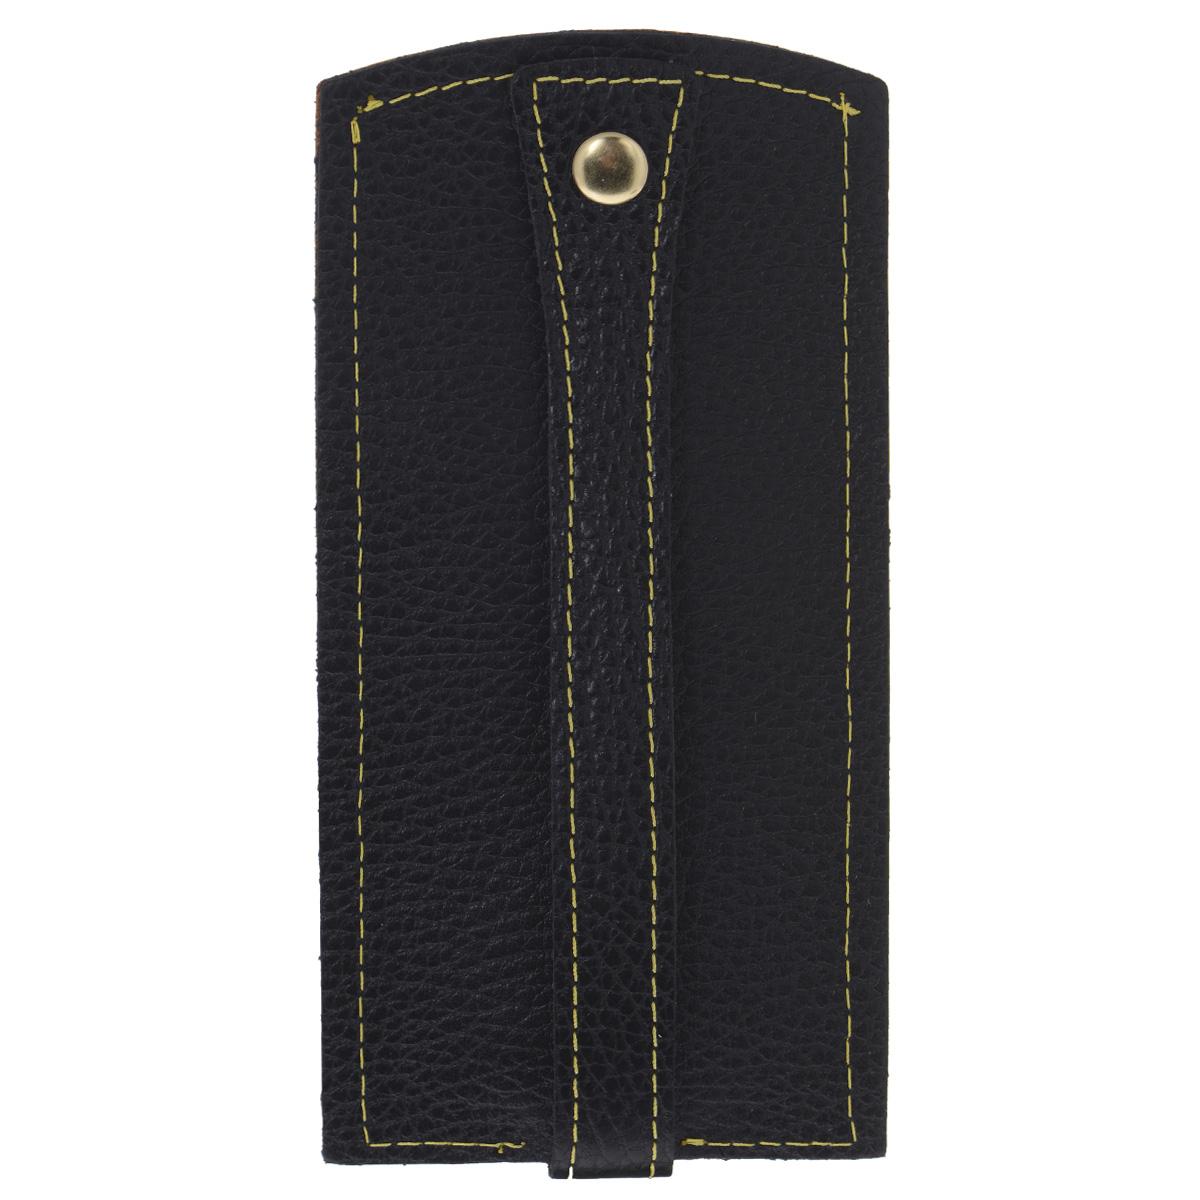 Ключница Dimanche Mumi, цвет: черный, желтый. 066Брошь-кулонИзысканная ключница Dimanche Mumi изготовлена из высококачественной натуральной кожи и декорирована фактурным тиснением. Изделие закрывается хлястиком на кнопку. На нижнем конце хлястика расположено металлическое кольцо для крепления ключей.Ключница упакована в пластиковый чехол.Модная ключница прекрасно дополнит ваш образ и станет незаменимым аксессуаром на каждый день.